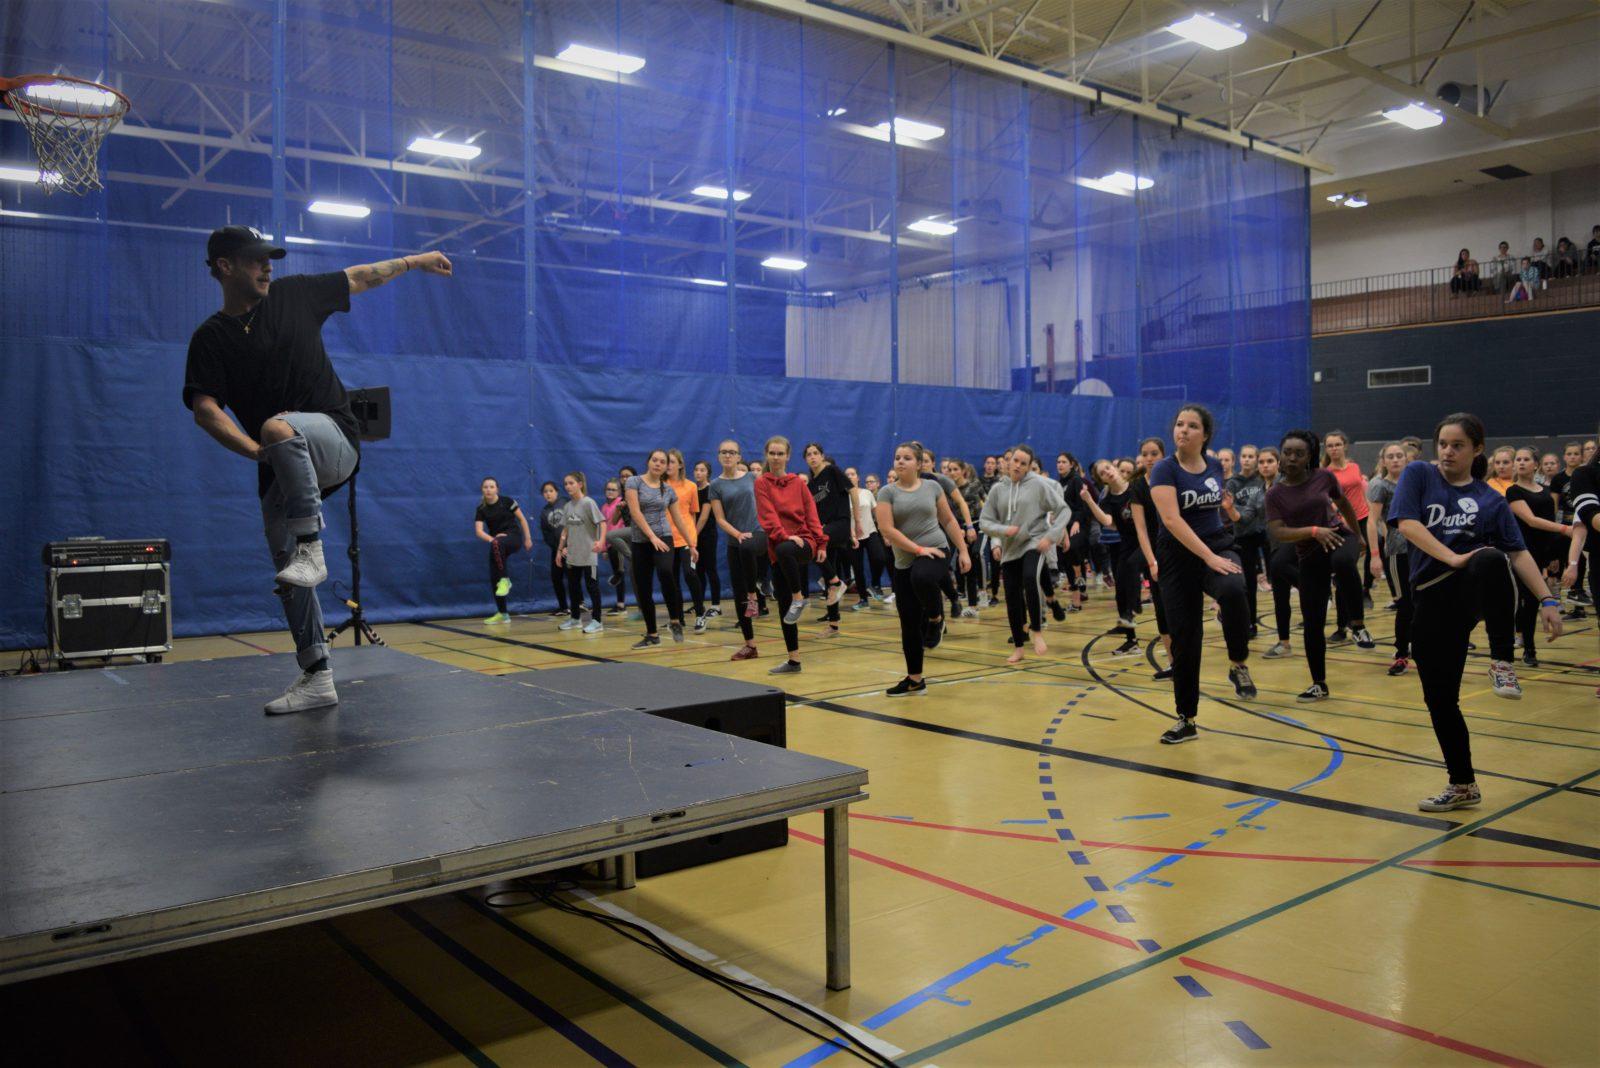 Danse Ton Bootcamp, Apprendre L'art De La Danse En S'amusant concernant Apprendre Les Départements En S Amusant